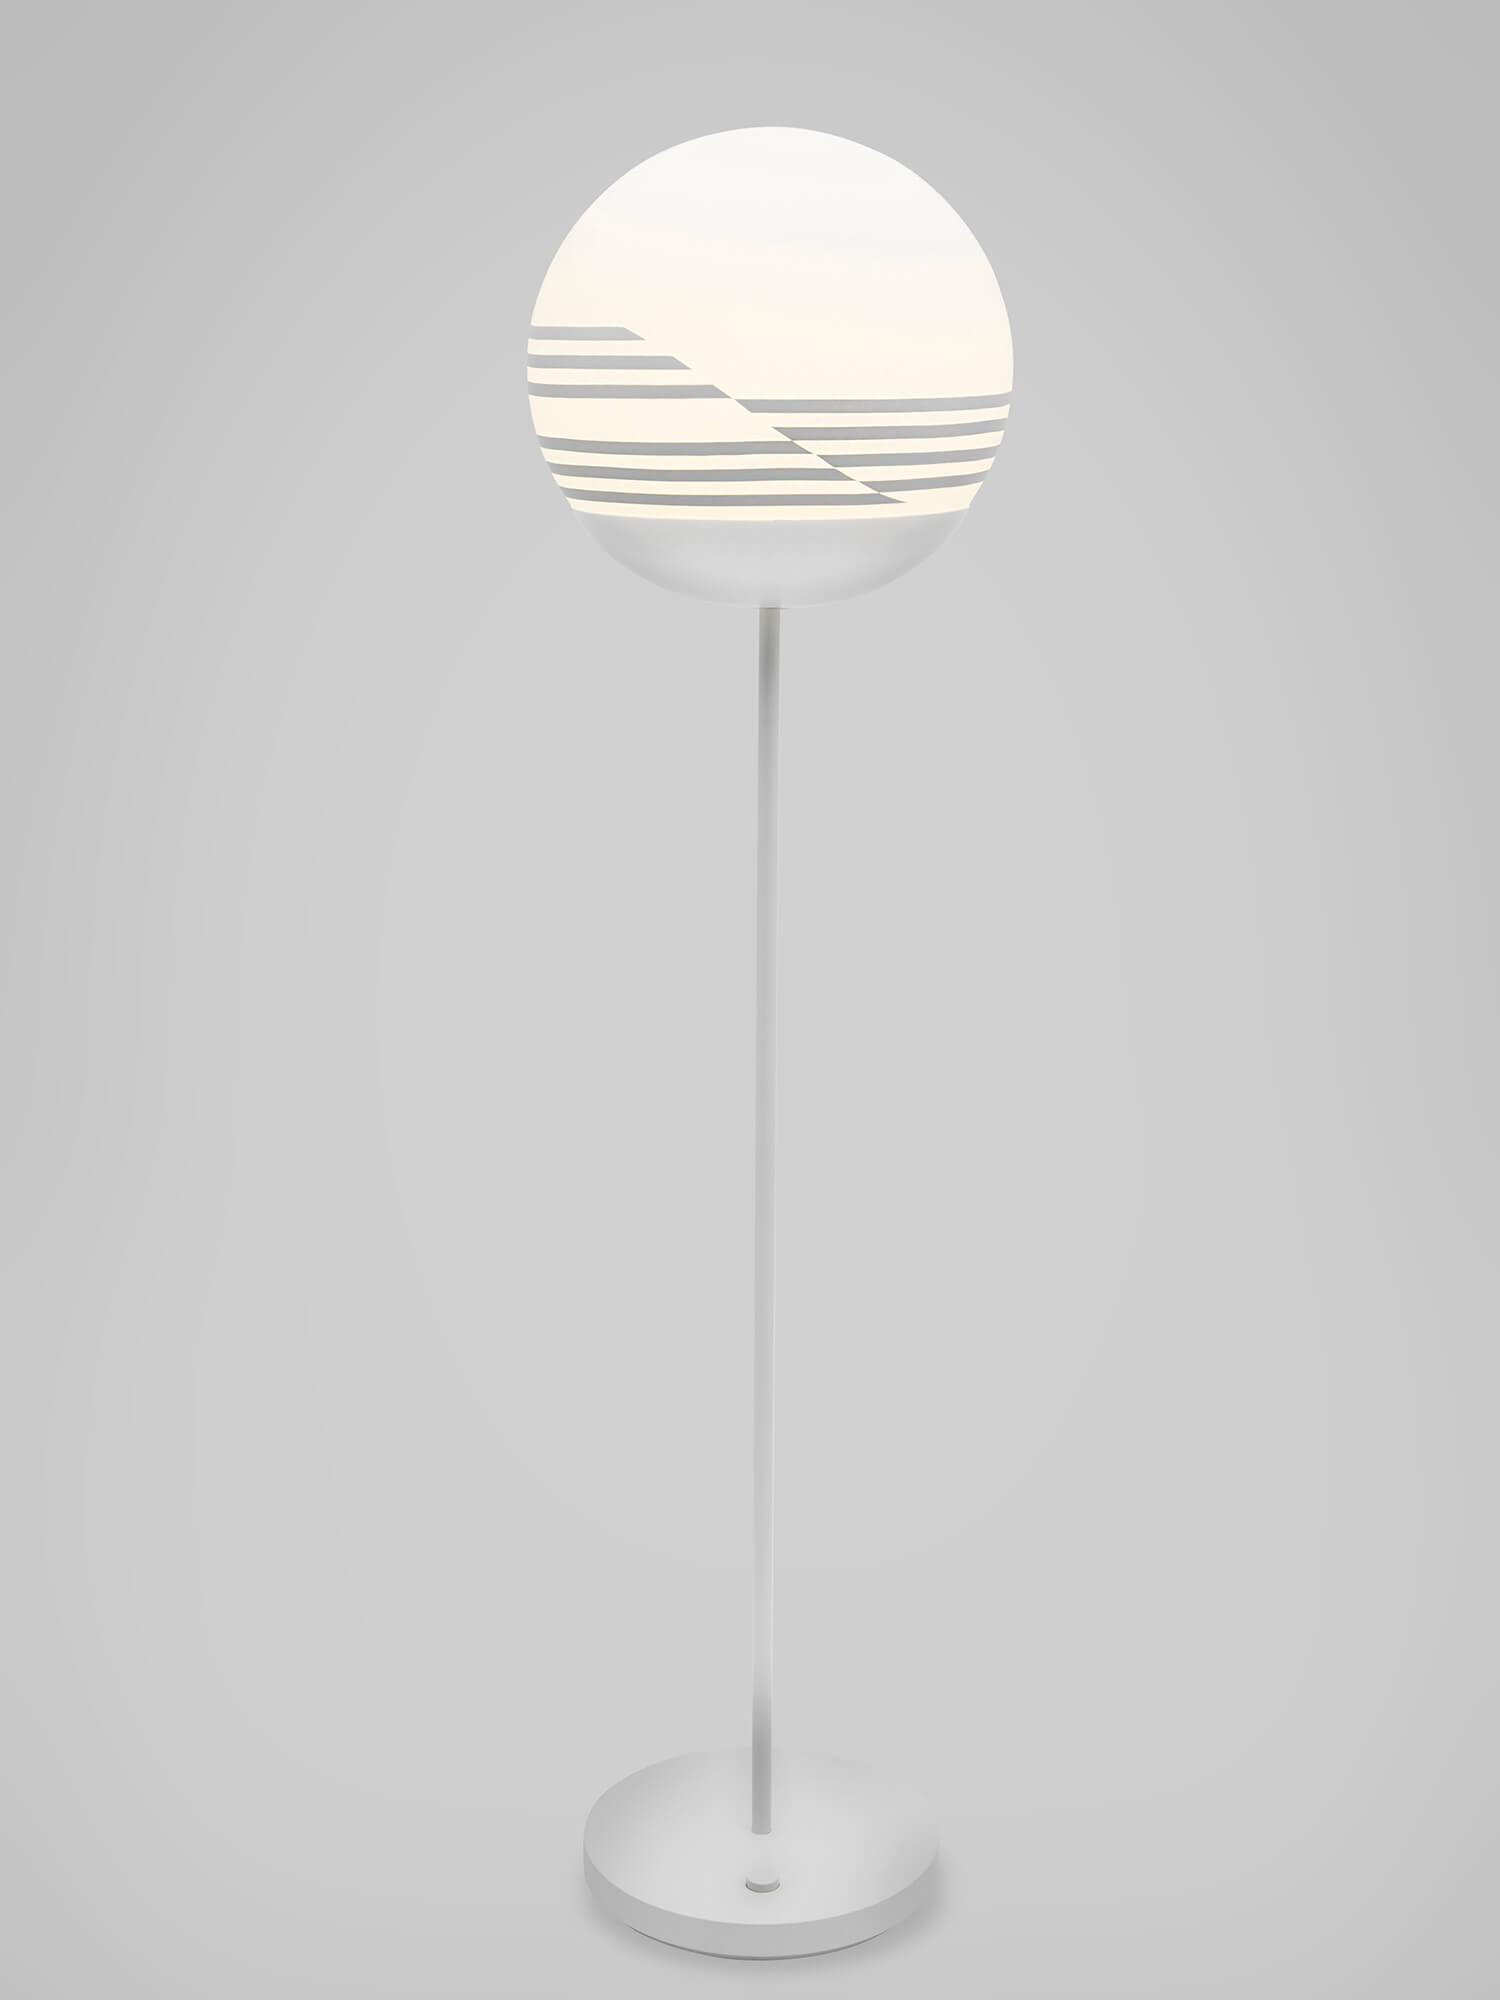 est living lee broom 10 year optical floor lamp